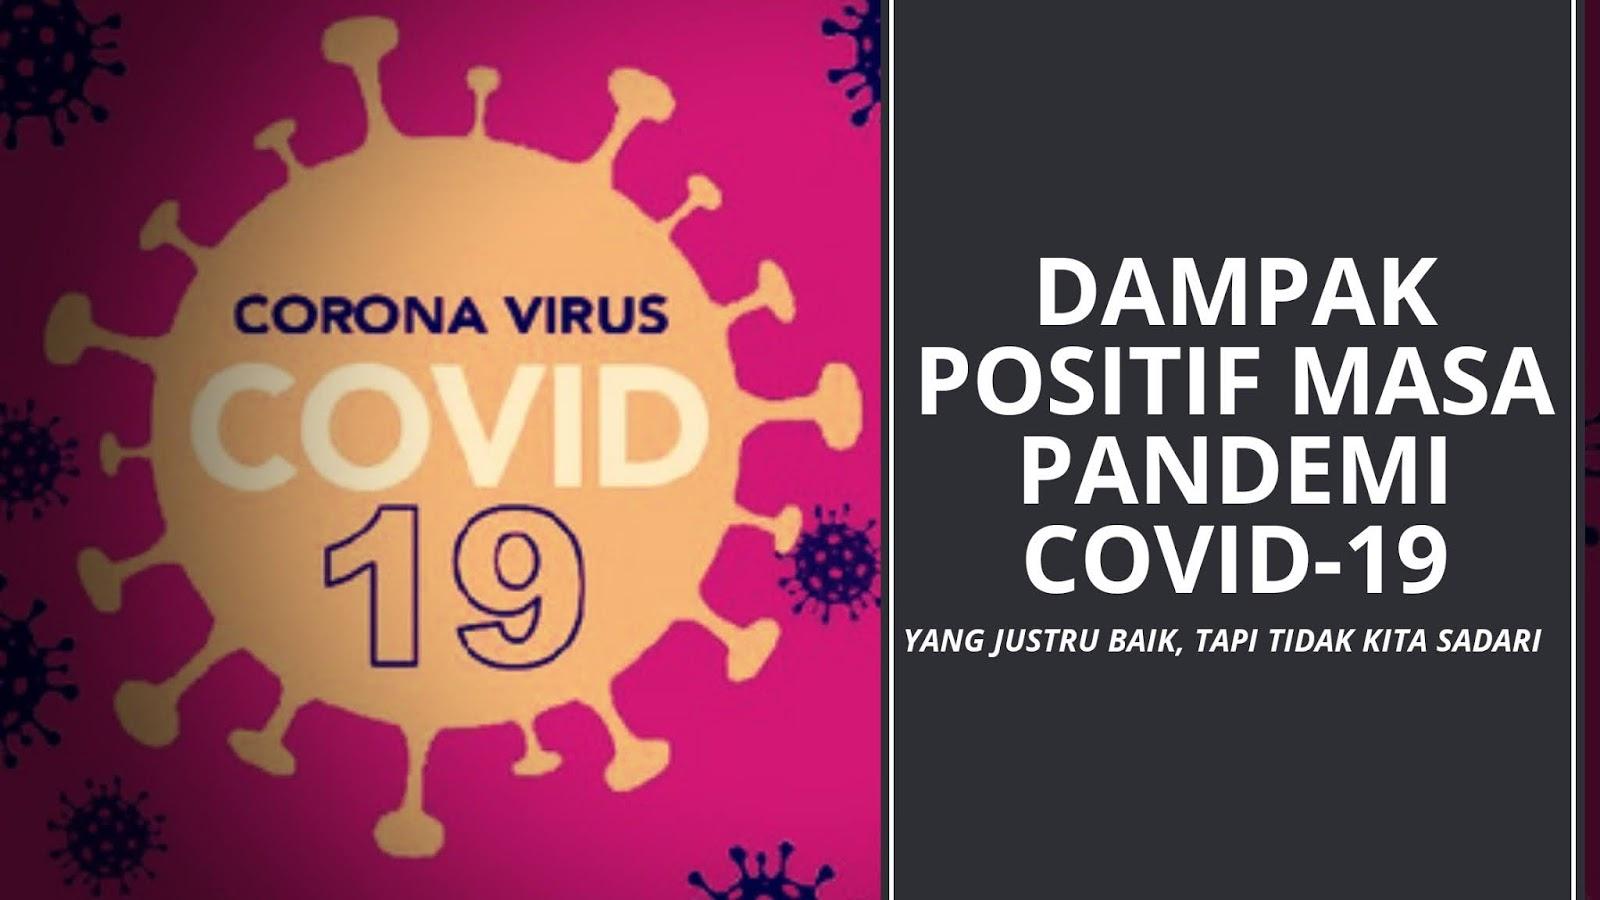 Dampak positif masa pandemi